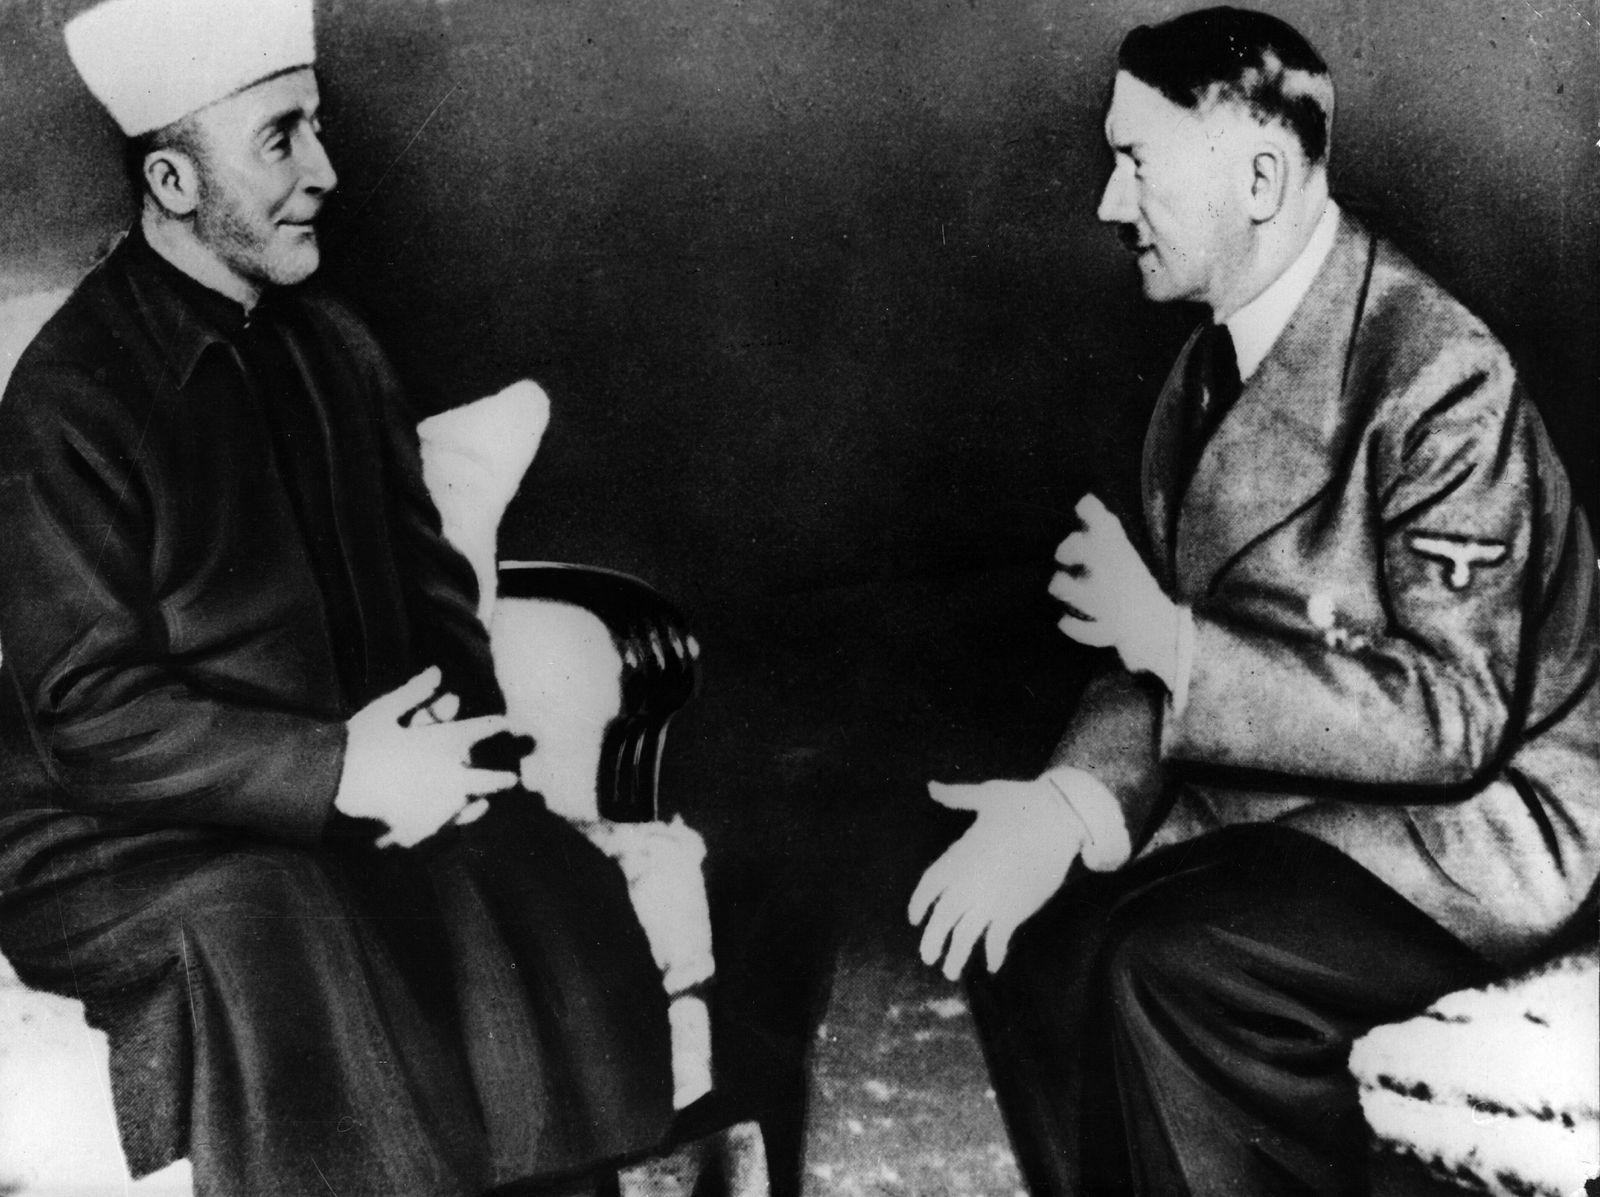 Hitler/Mufti/Netanyahu